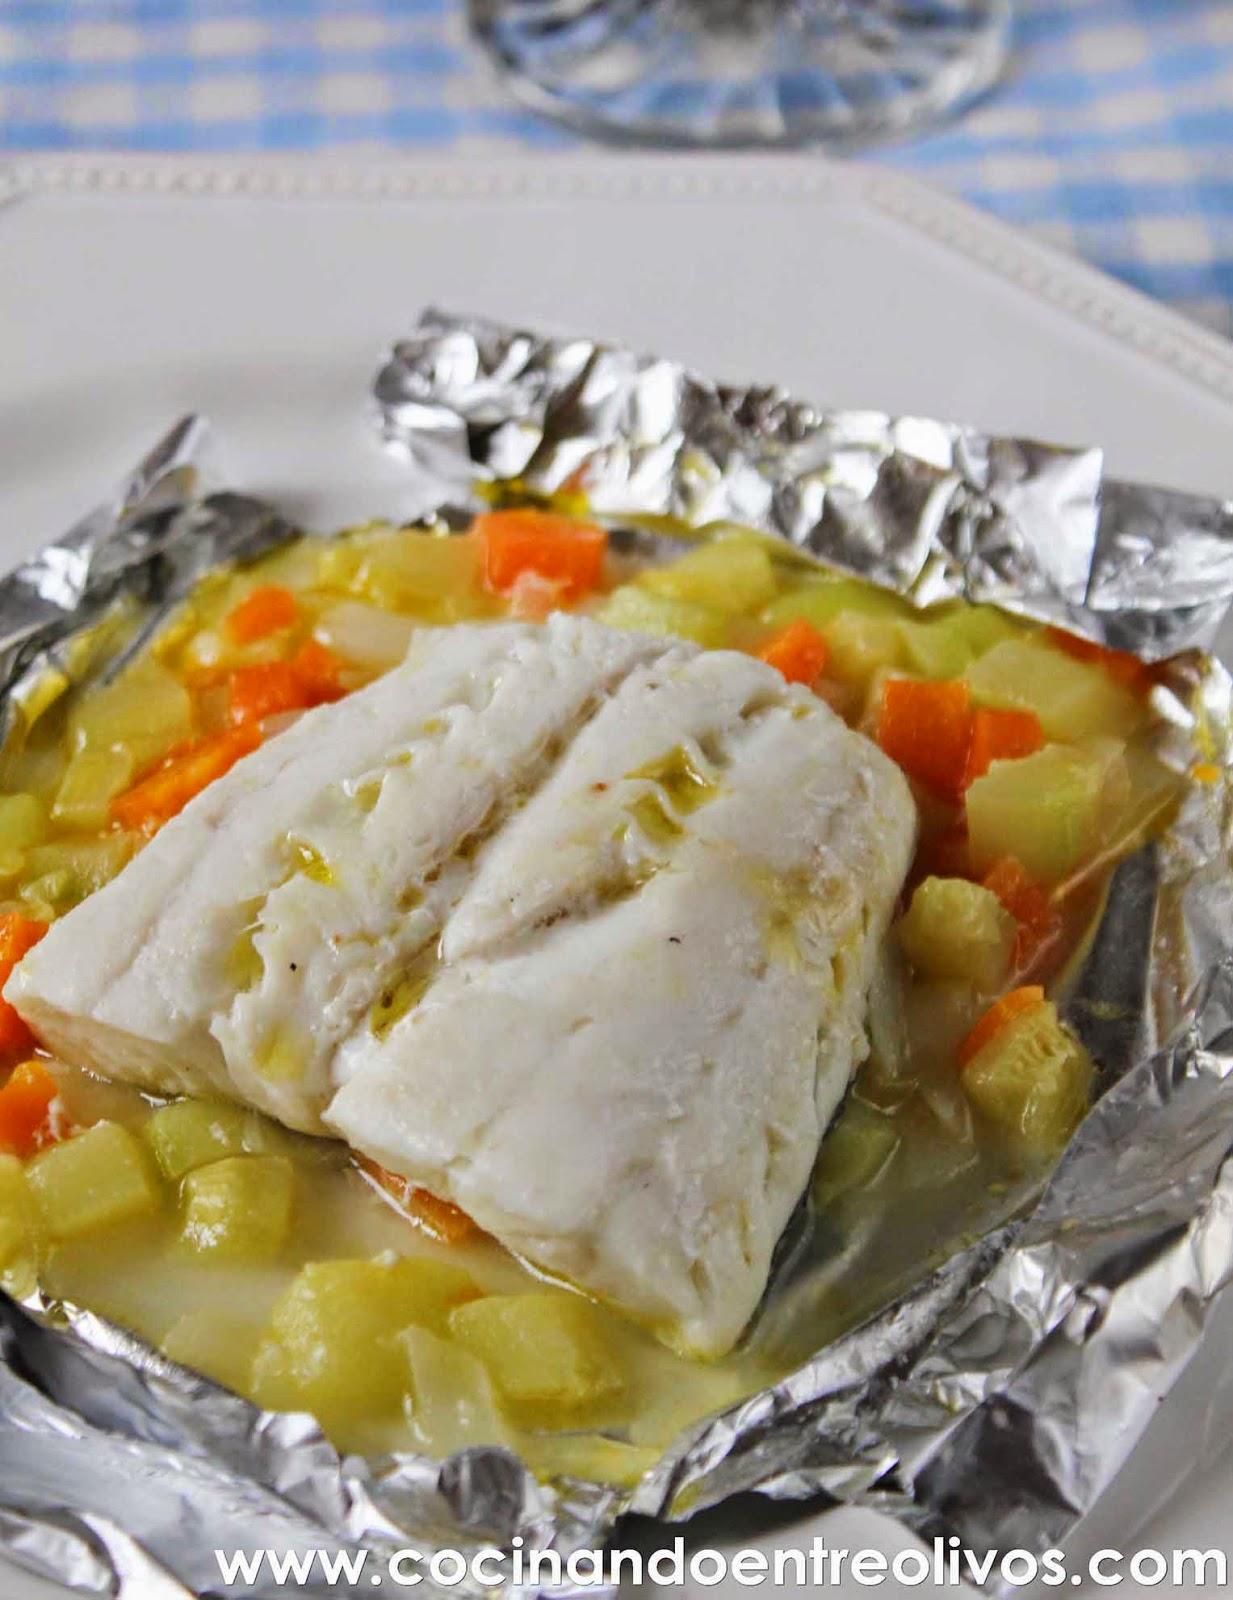 Cocinando entre olivos merluza en papillote con verduras for Cocinar filetes de merluza